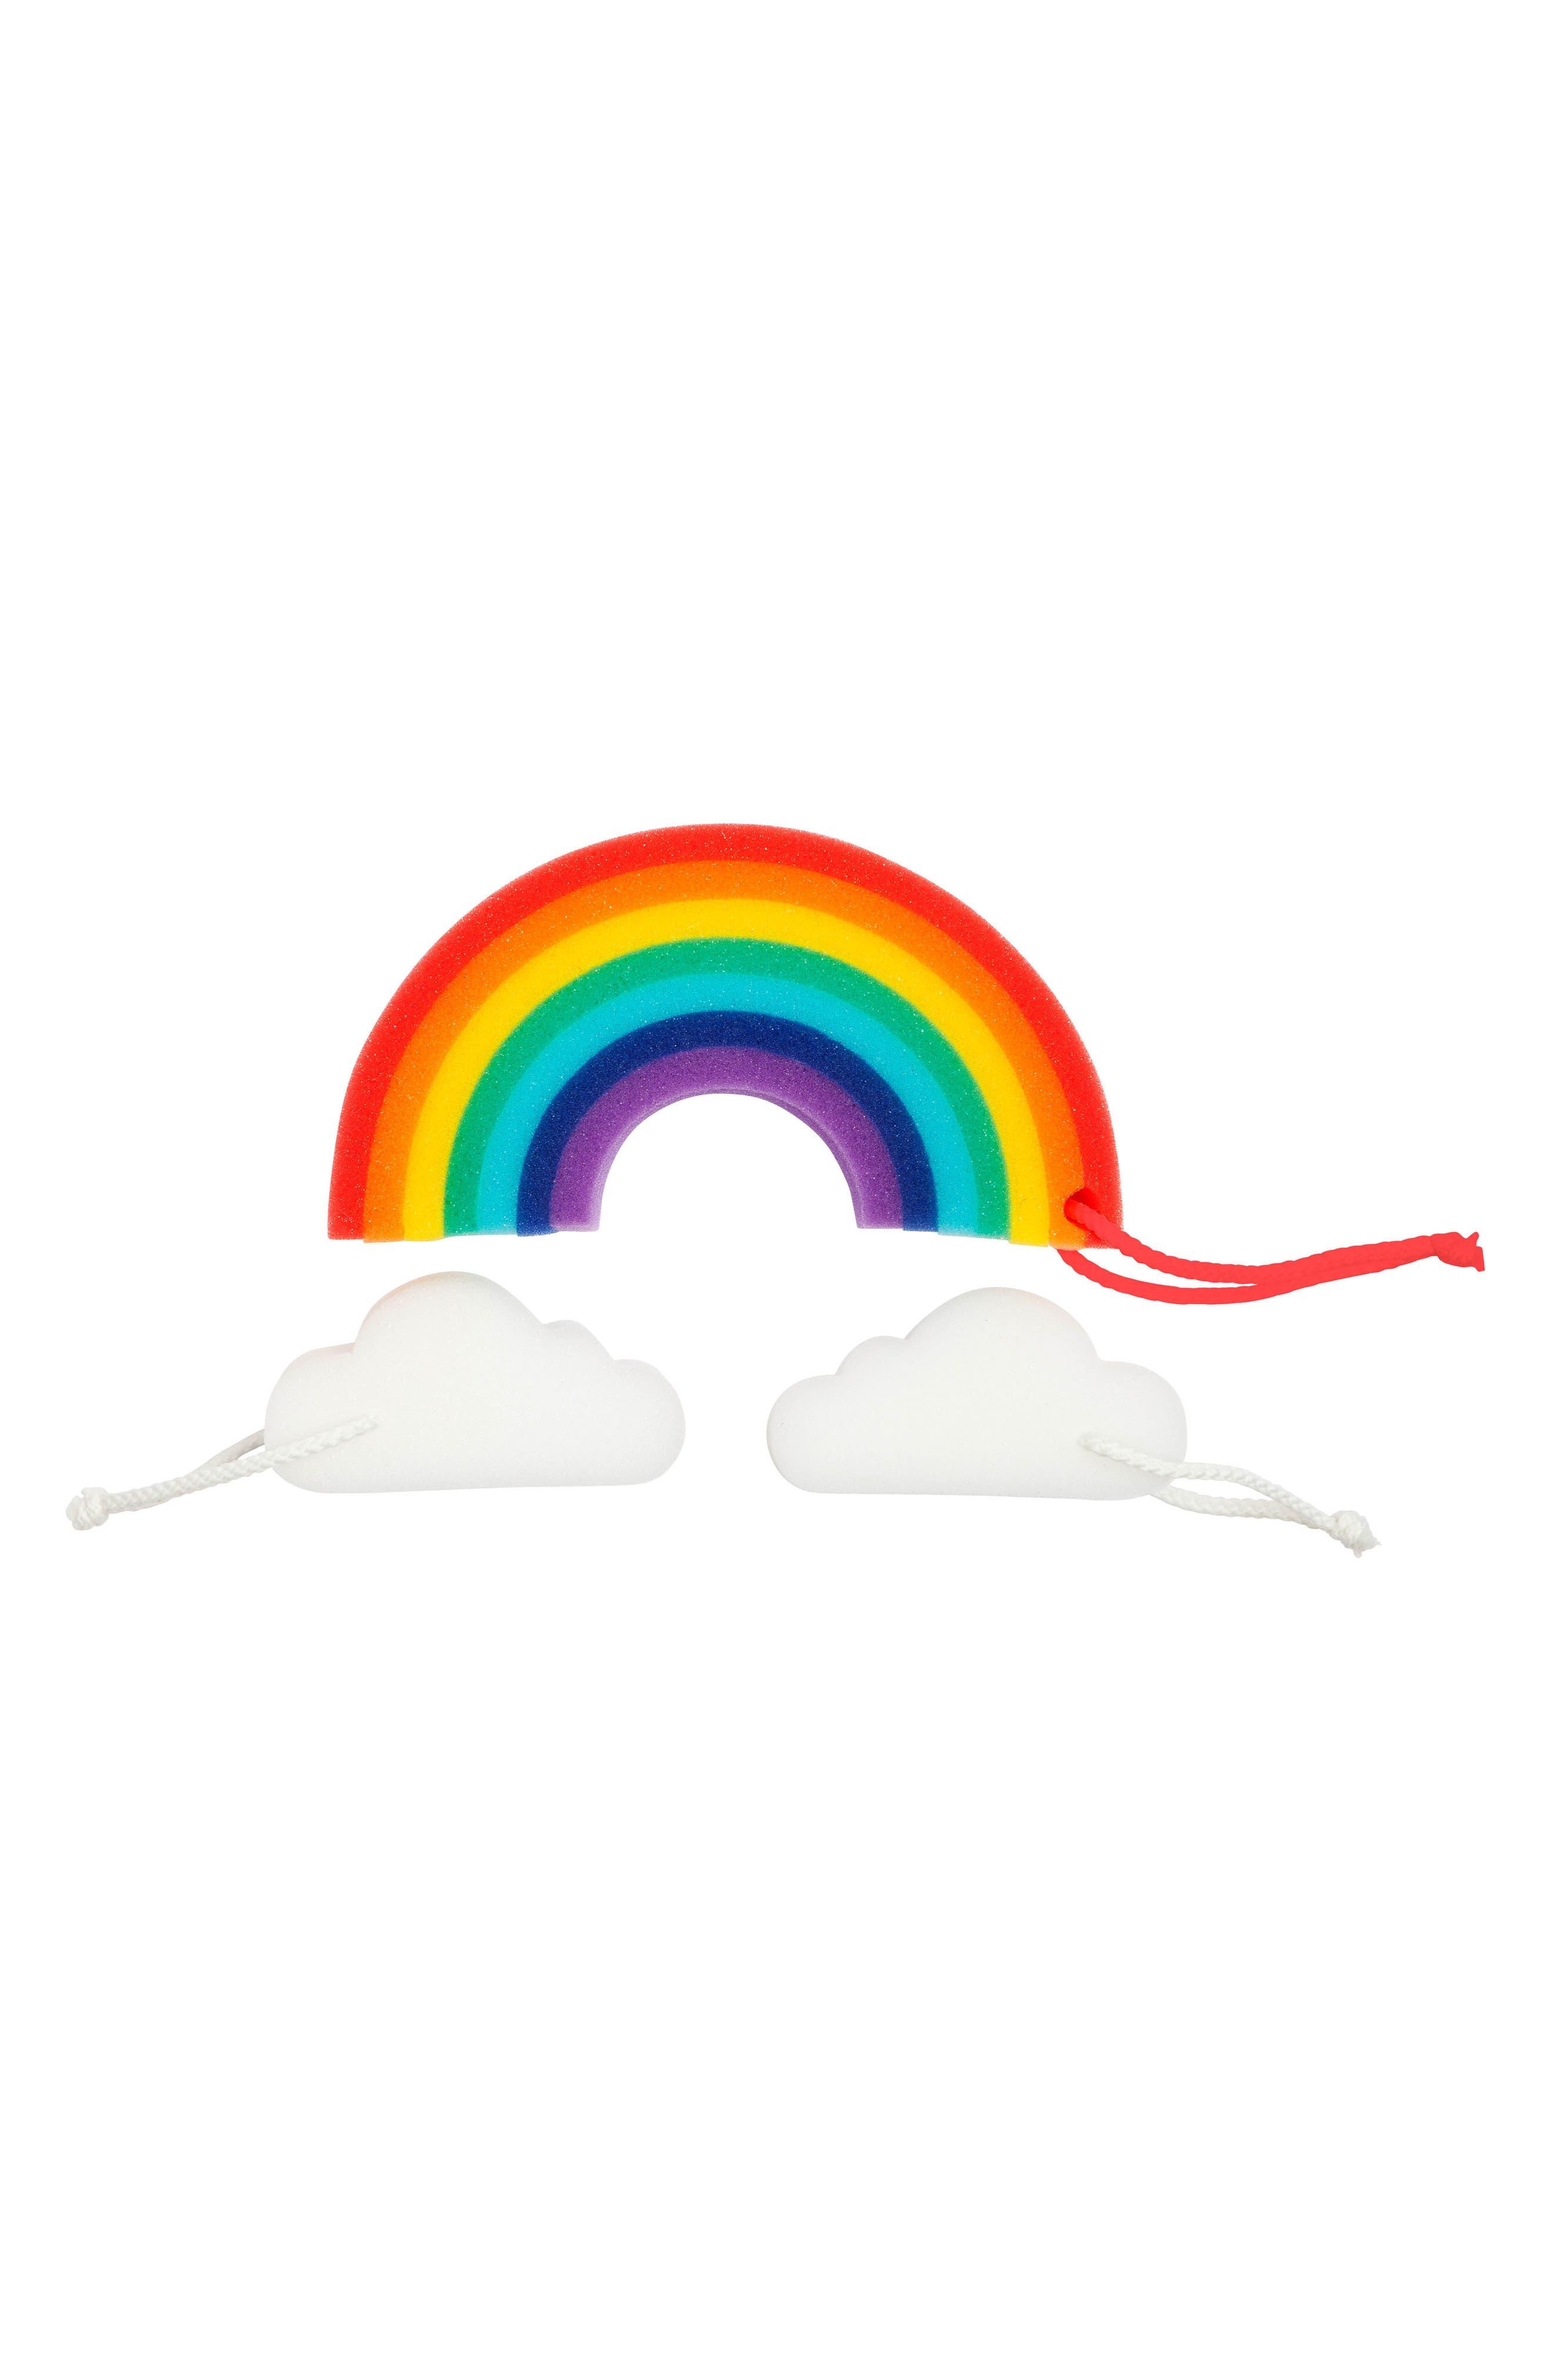 Main Image - Sunnylife 3-Pack Rainbow Bath Sponge Set